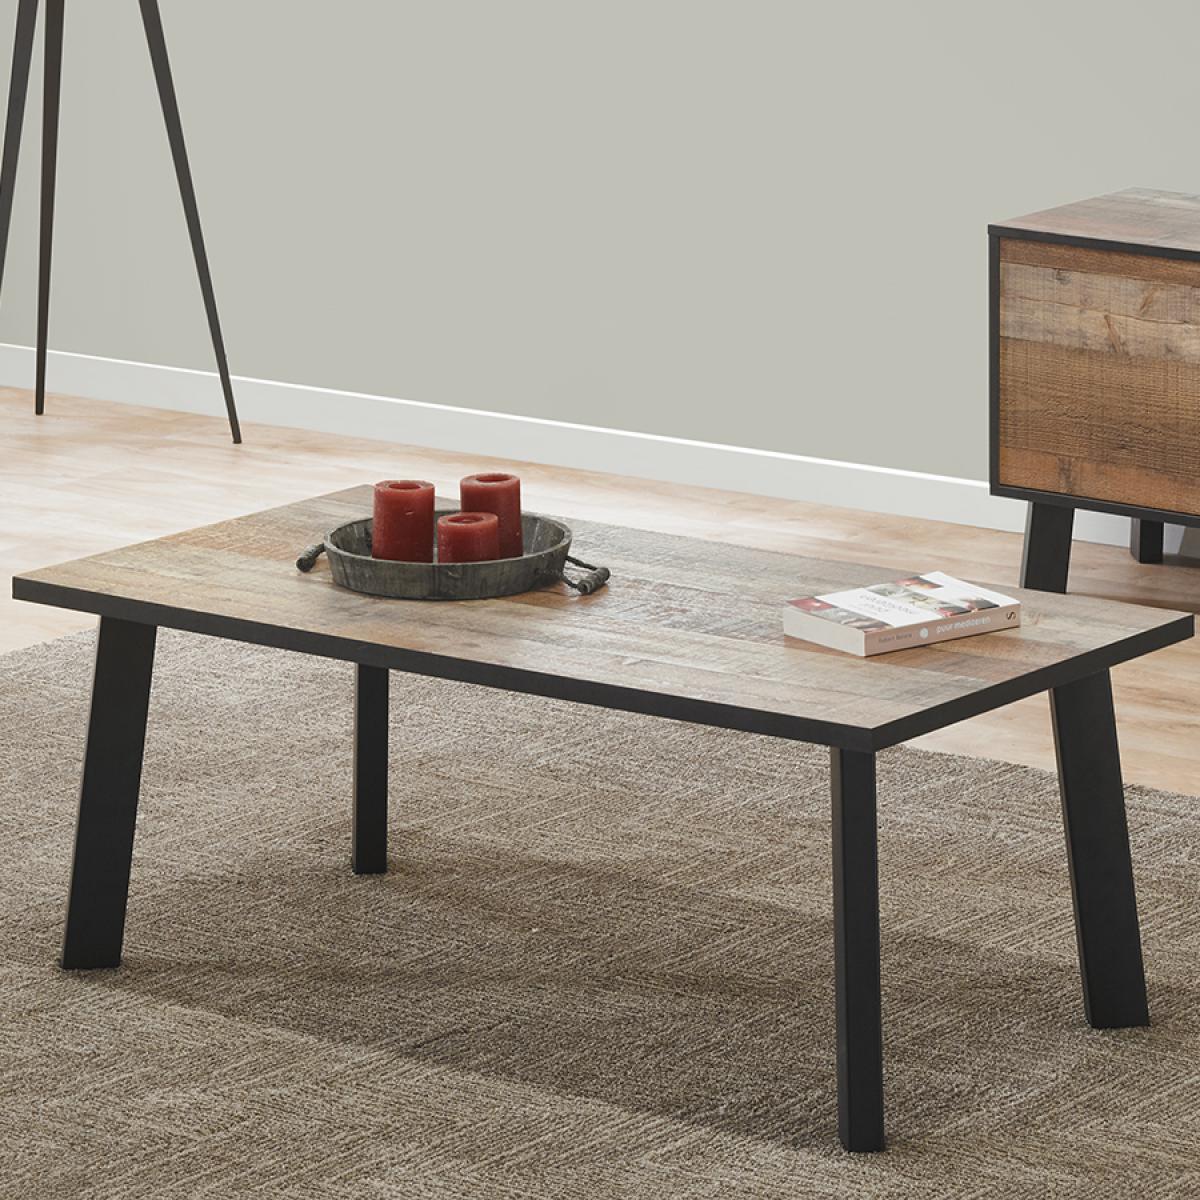 Nouvomeuble Table basse industrielle couleur bois vieilli ICARE